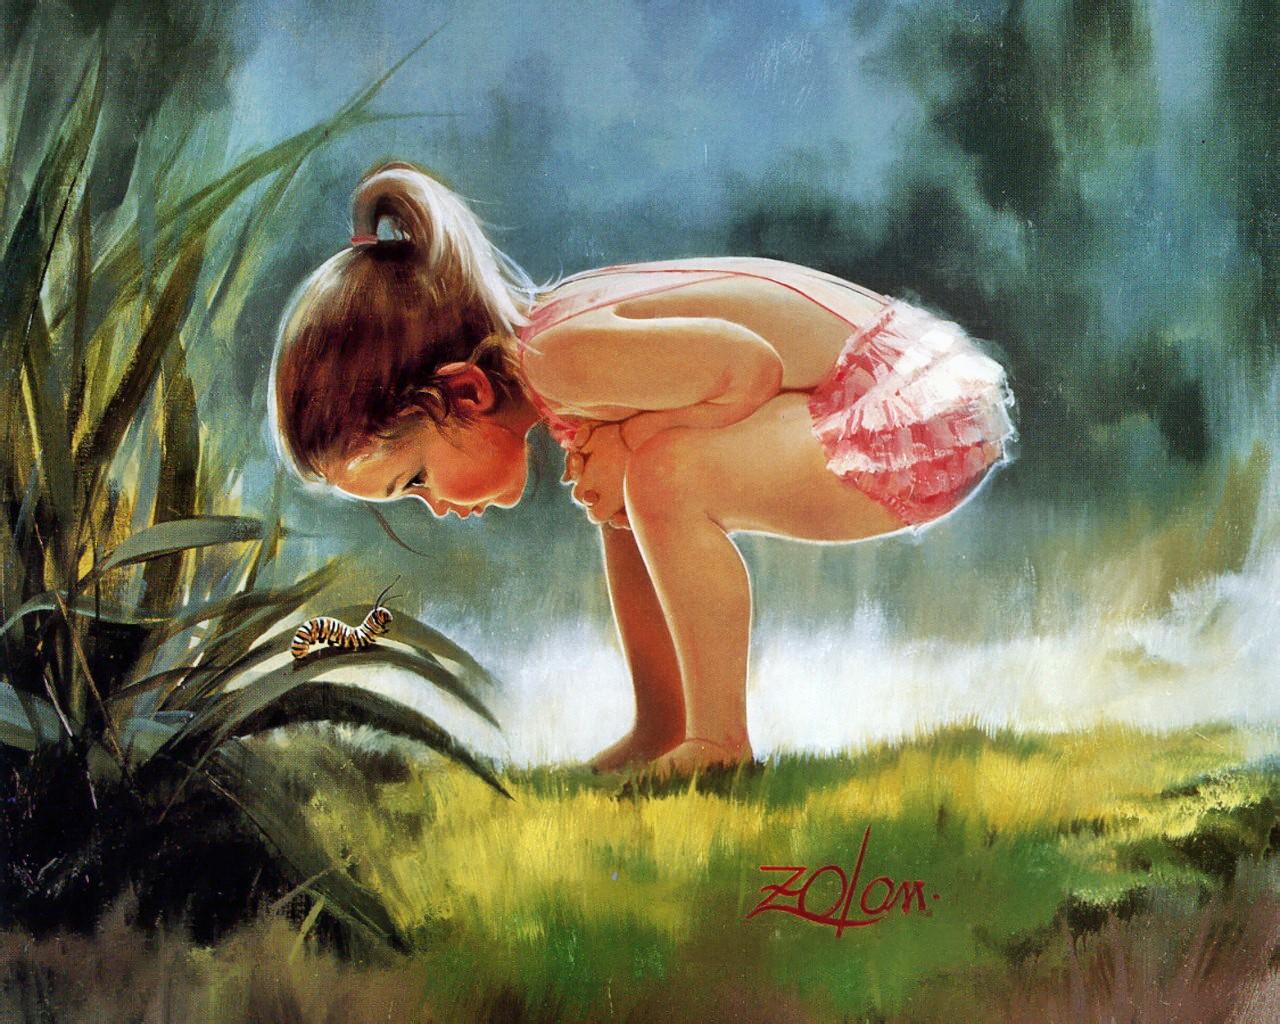 壁纸1280×1024令人怀念的美好童年油画壁纸 壁纸17壁纸 令人怀念的美好童年油壁纸图片绘画壁纸绘画图片素材桌面壁纸